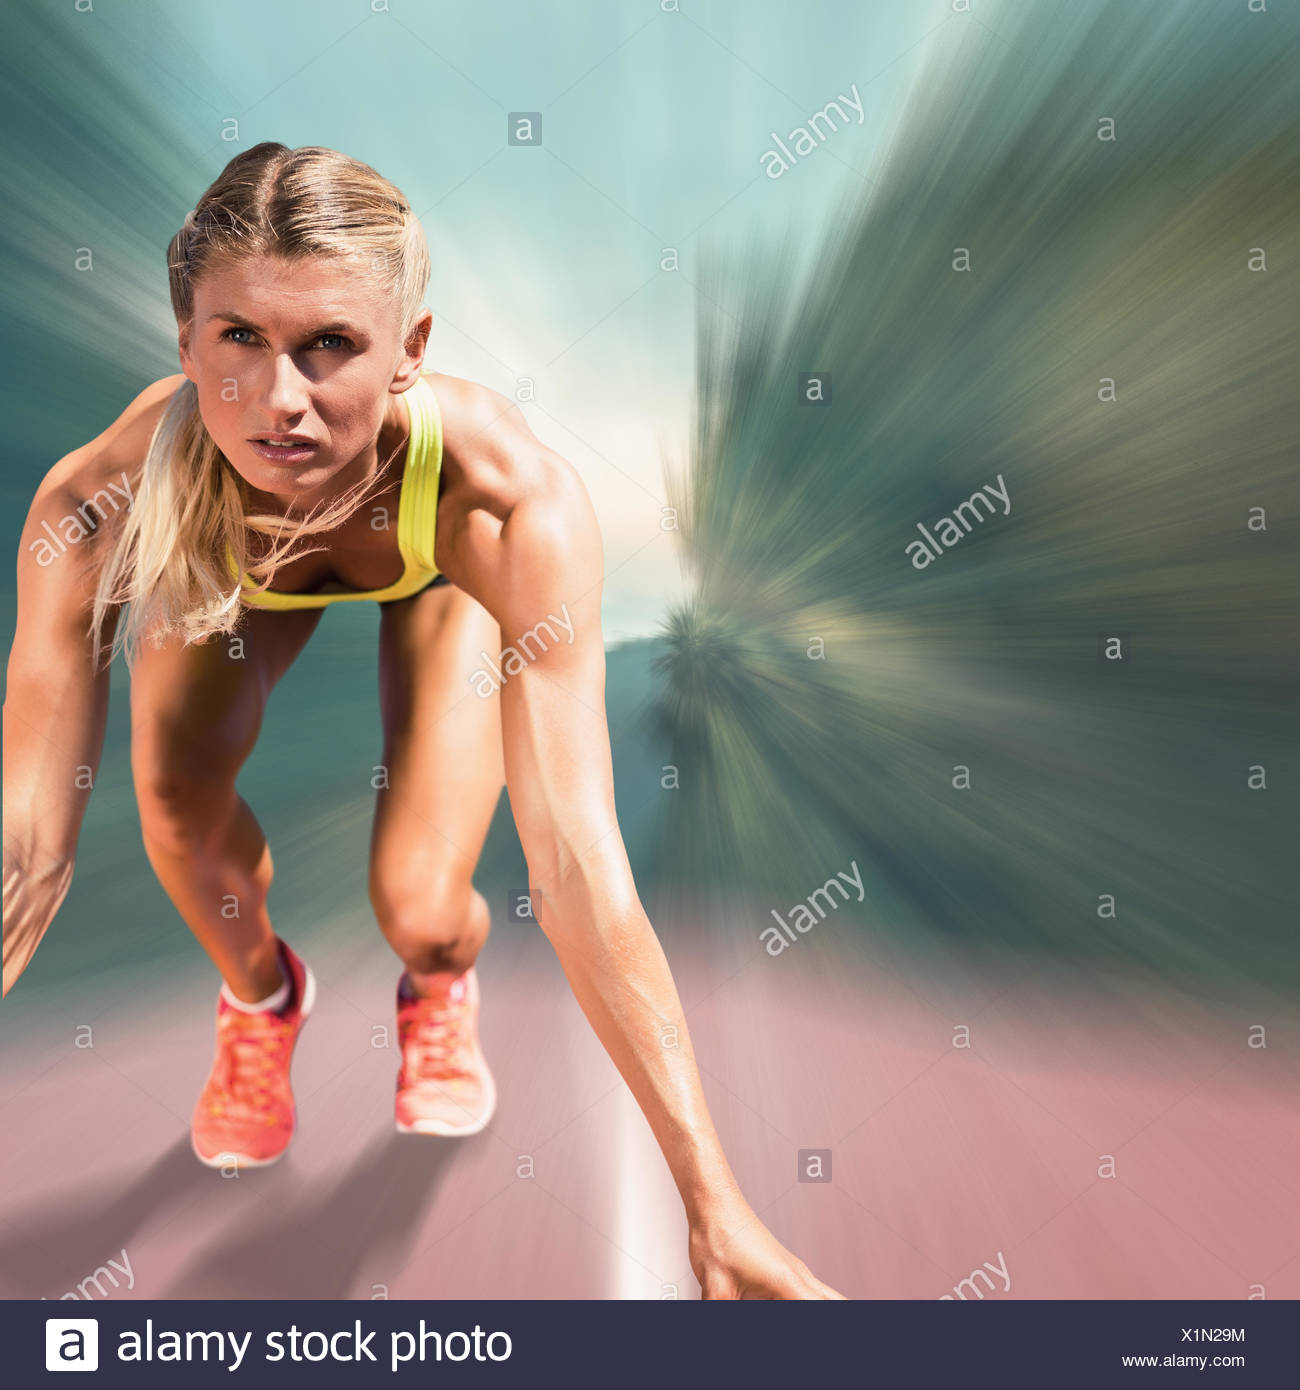 Immagine composita di sportive a partire da sprint Immagini Stock